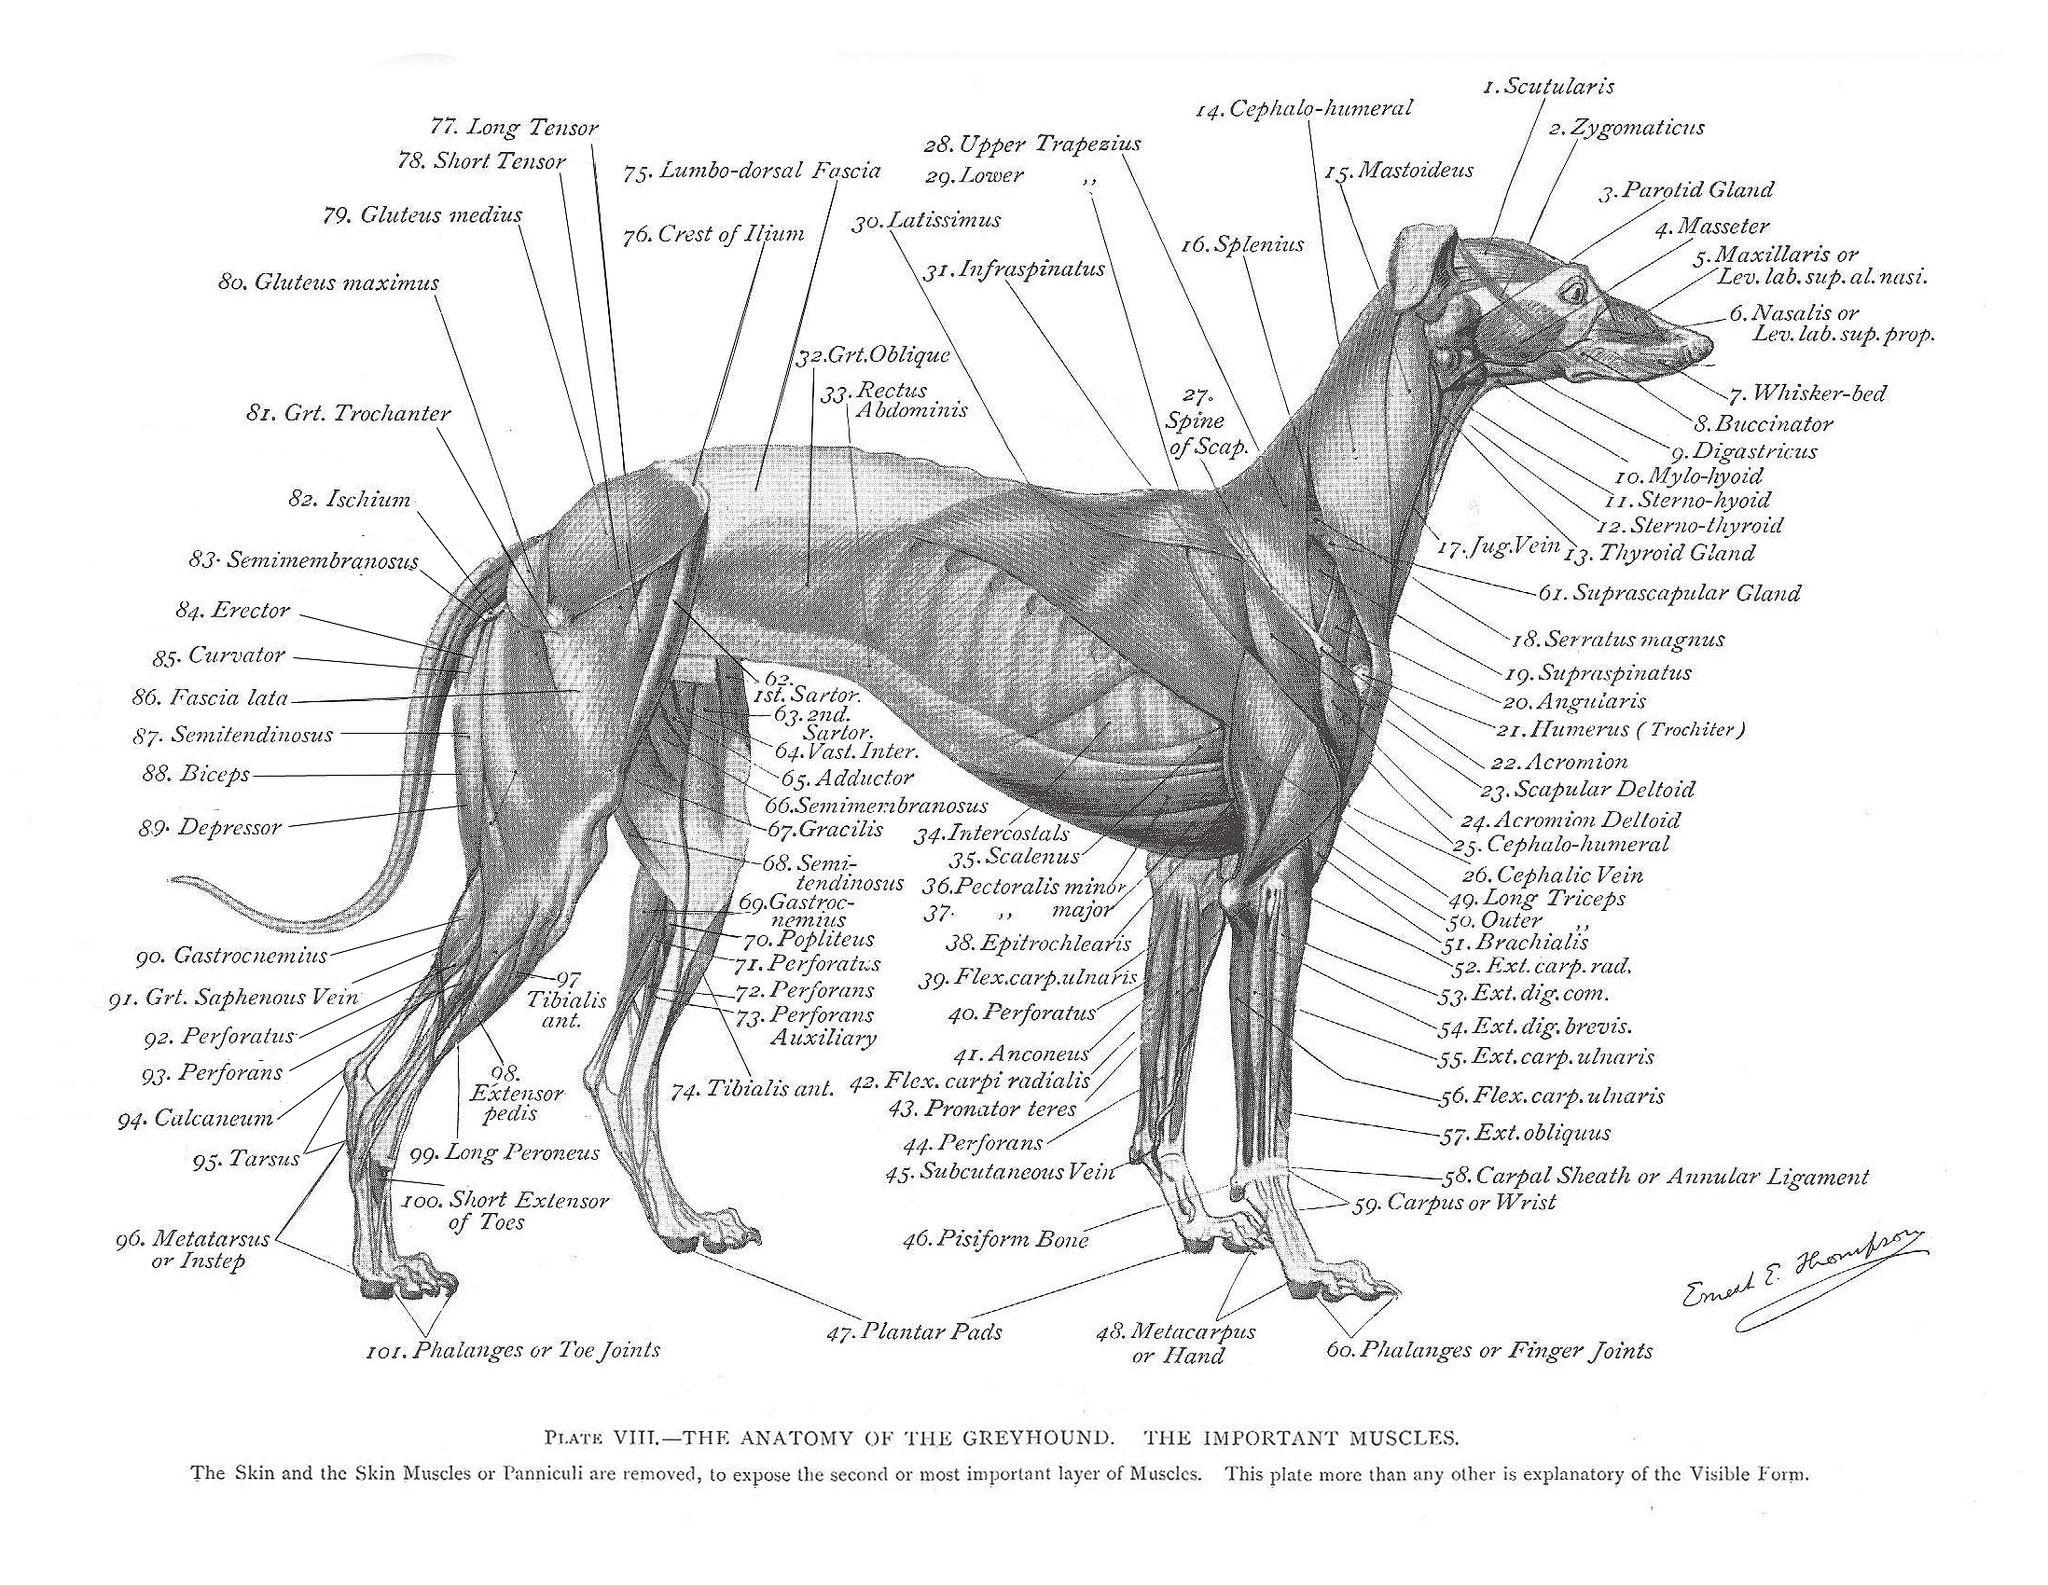 Greyhound Muscle Plate In 2020 Dog Anatomy Grey Hound Dog